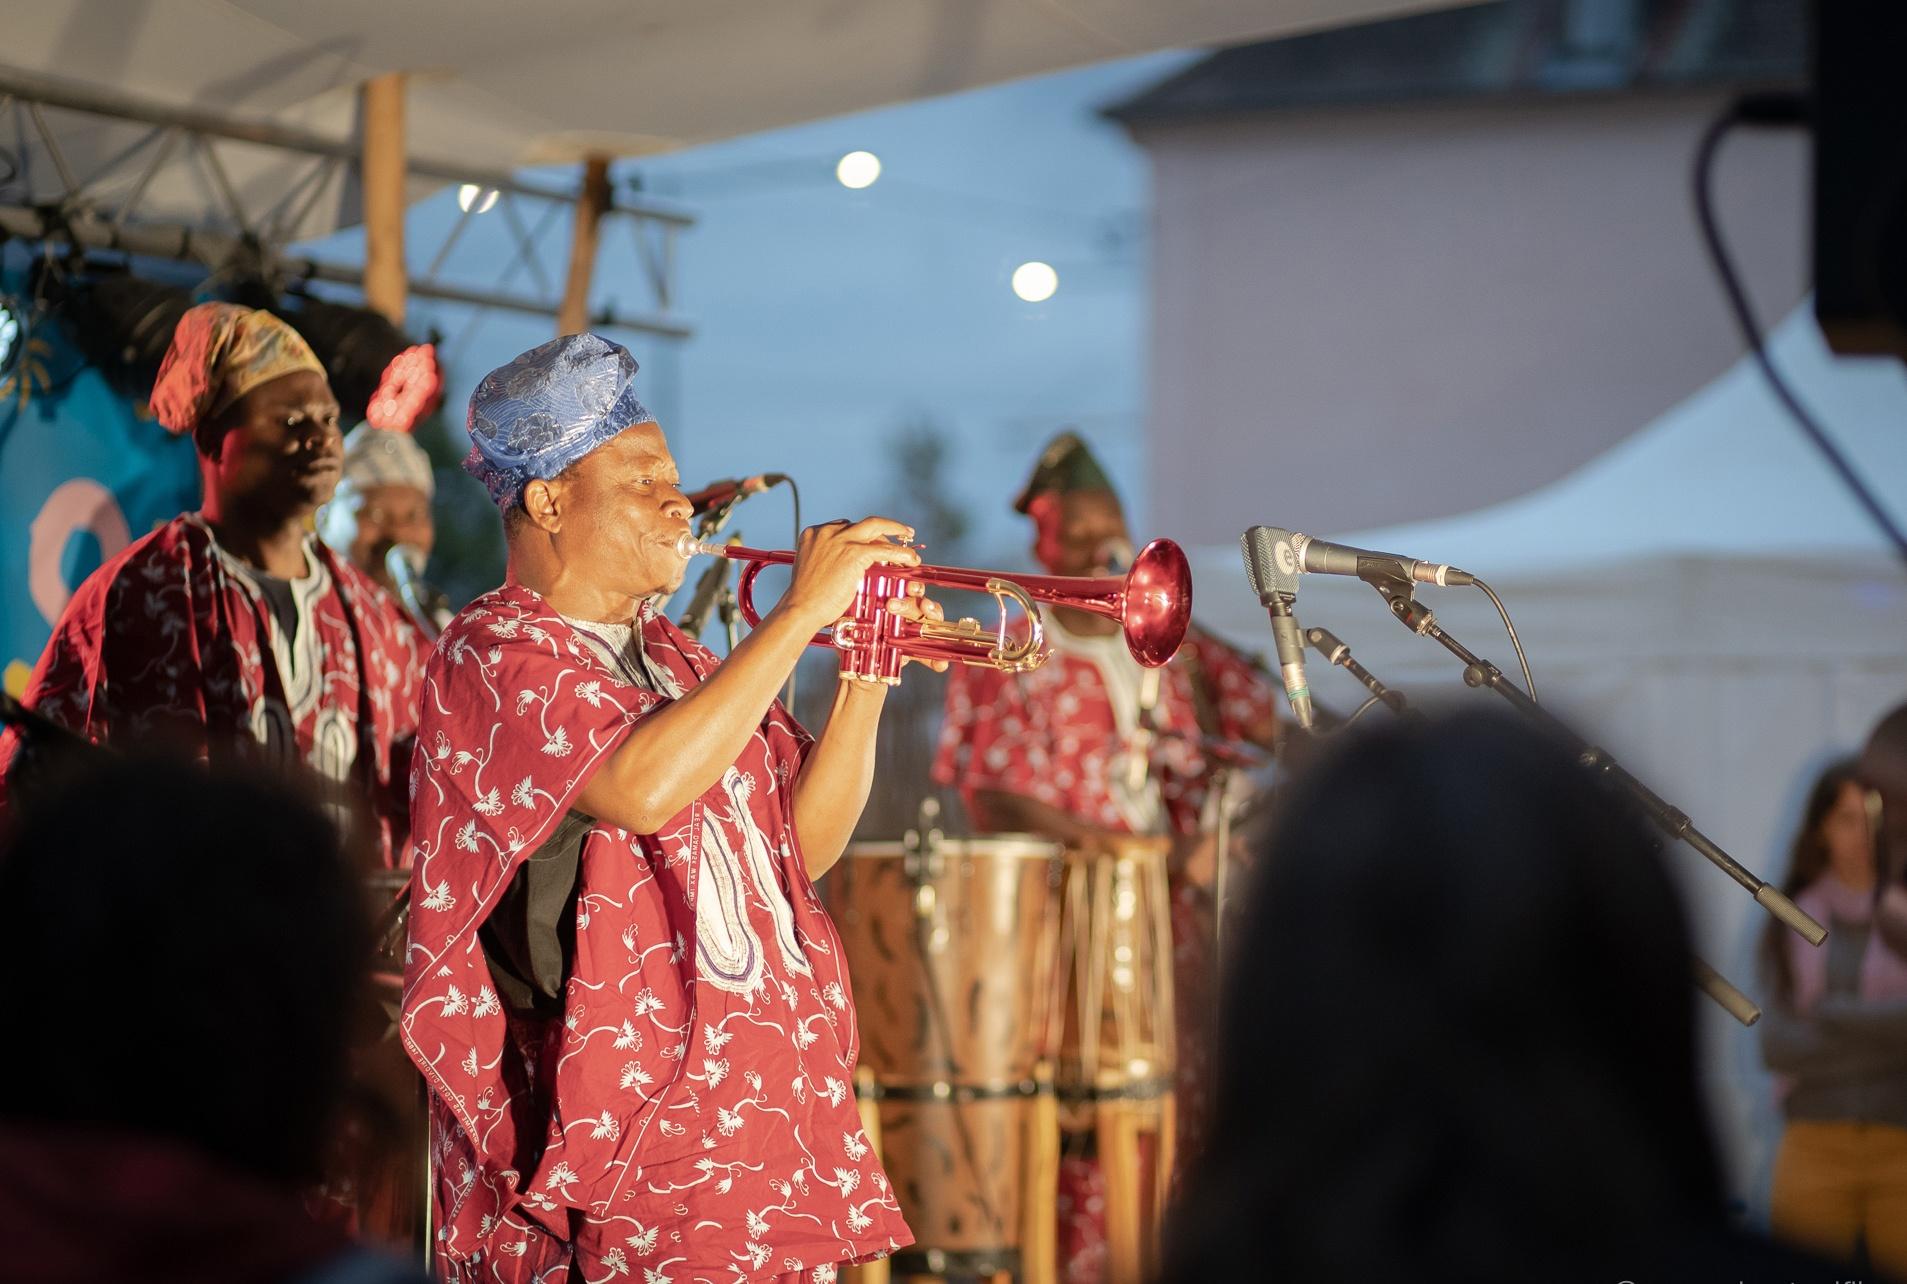 Tribu Festival à Dijon : le premier grand événement musical de la rentrée ?